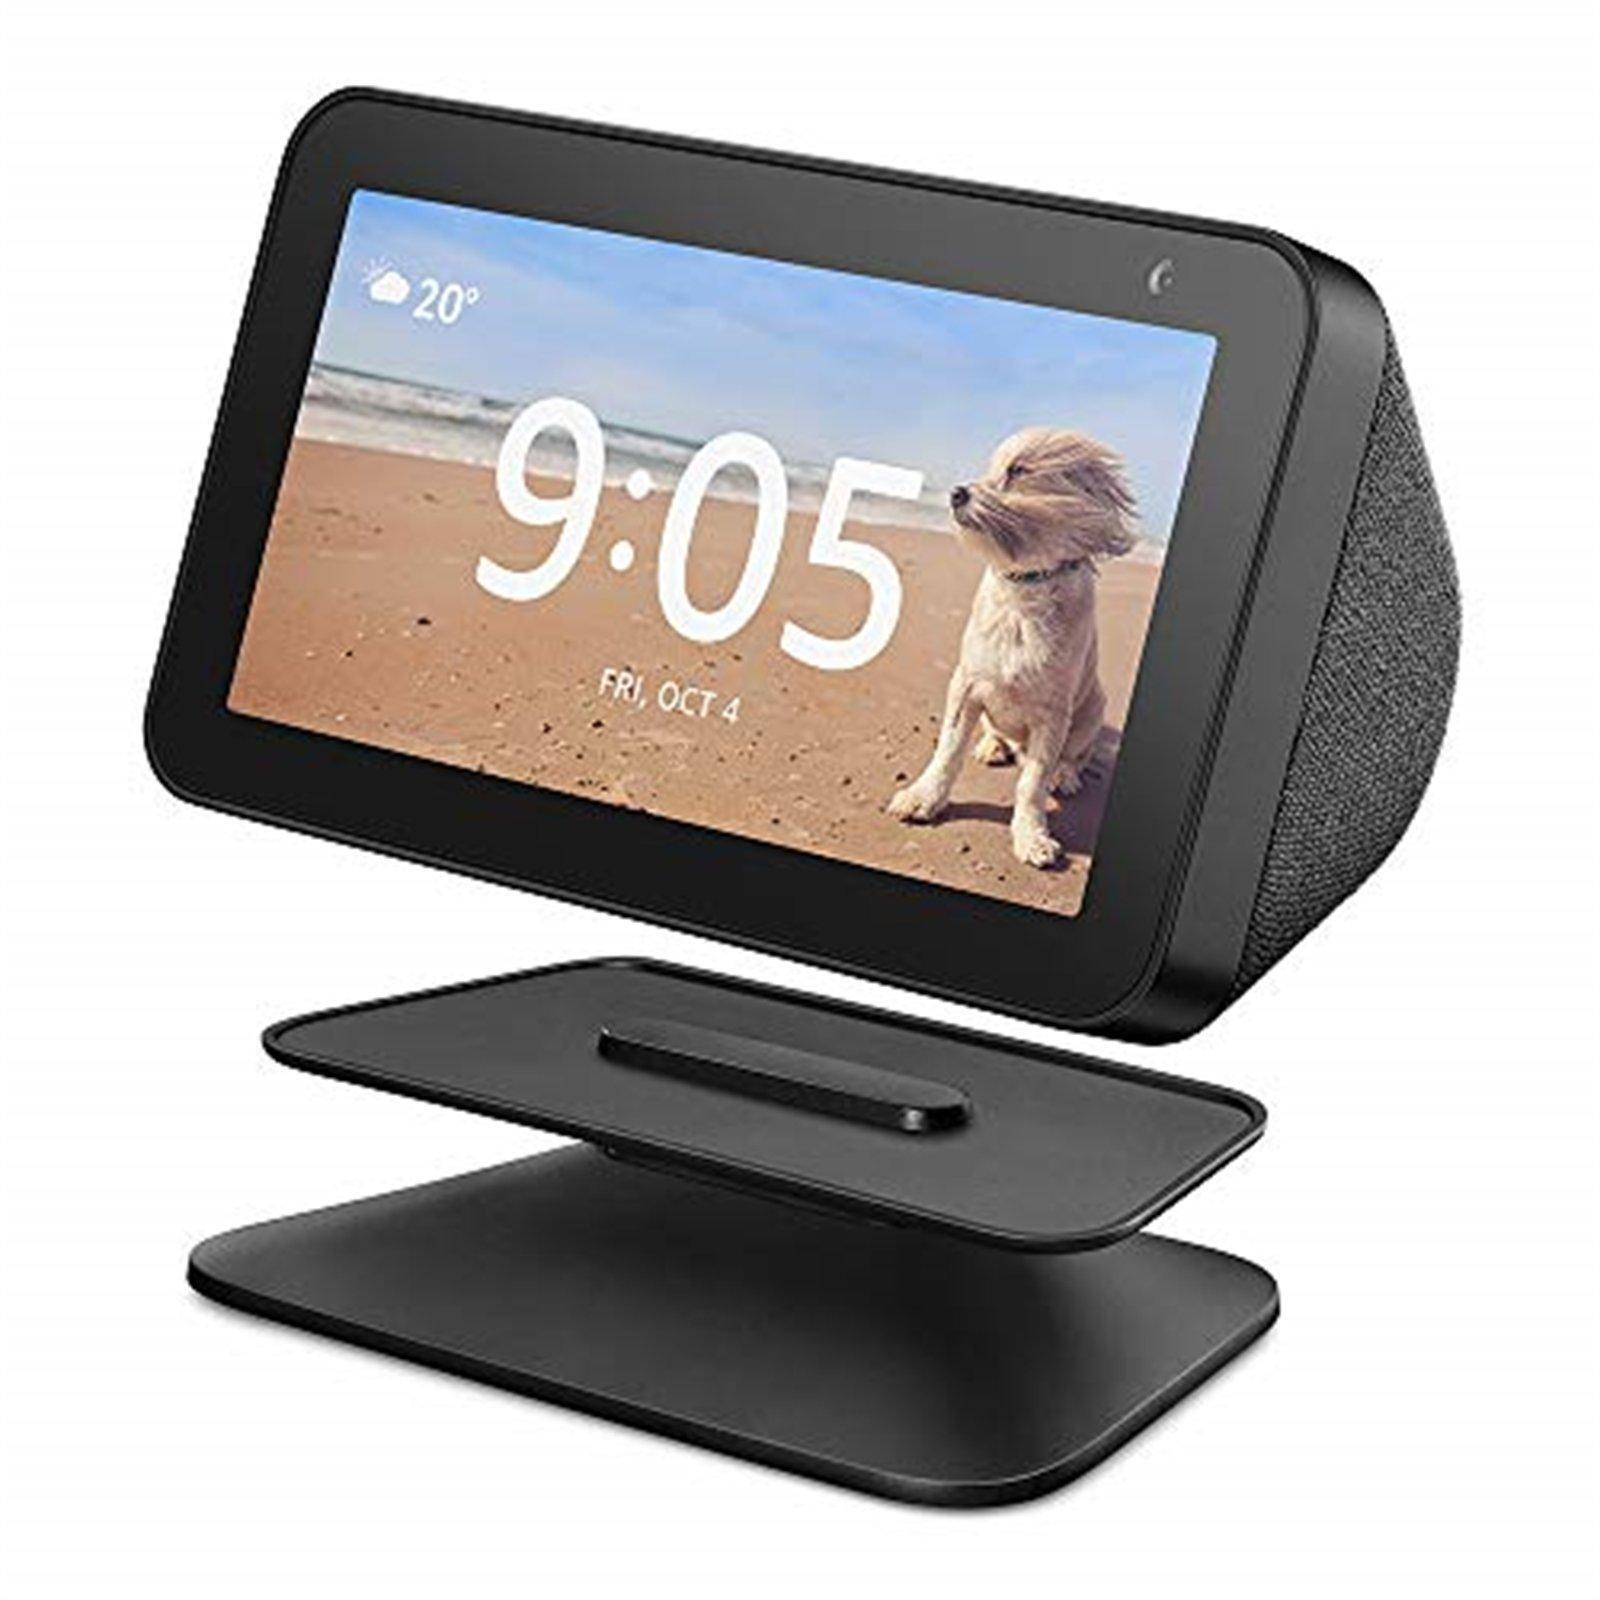 Amazon  Echo Show 5 Adjustable Stand  Charcoal